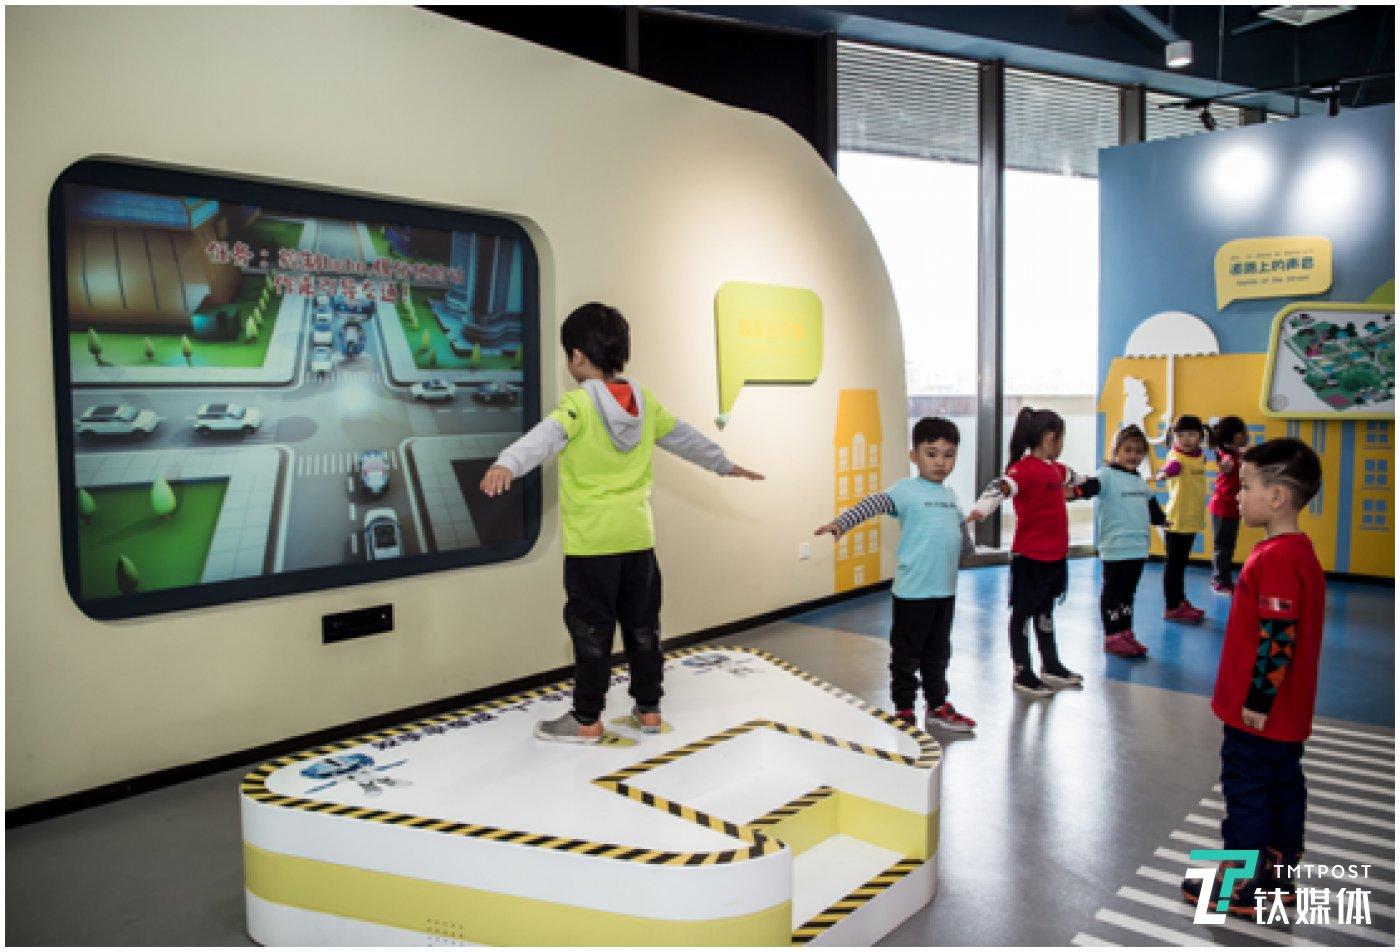 体感互动项目引导孩子来当交警 普及交通安全知识